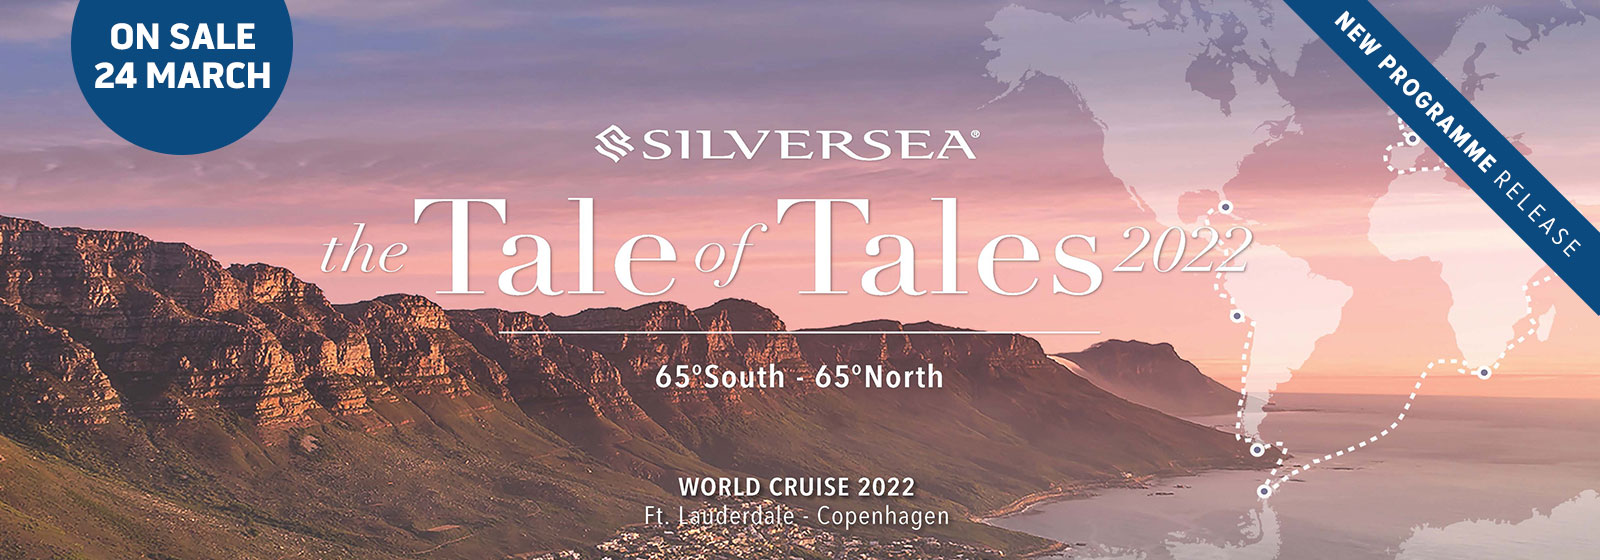 Silversea - Tale of Tales 2022